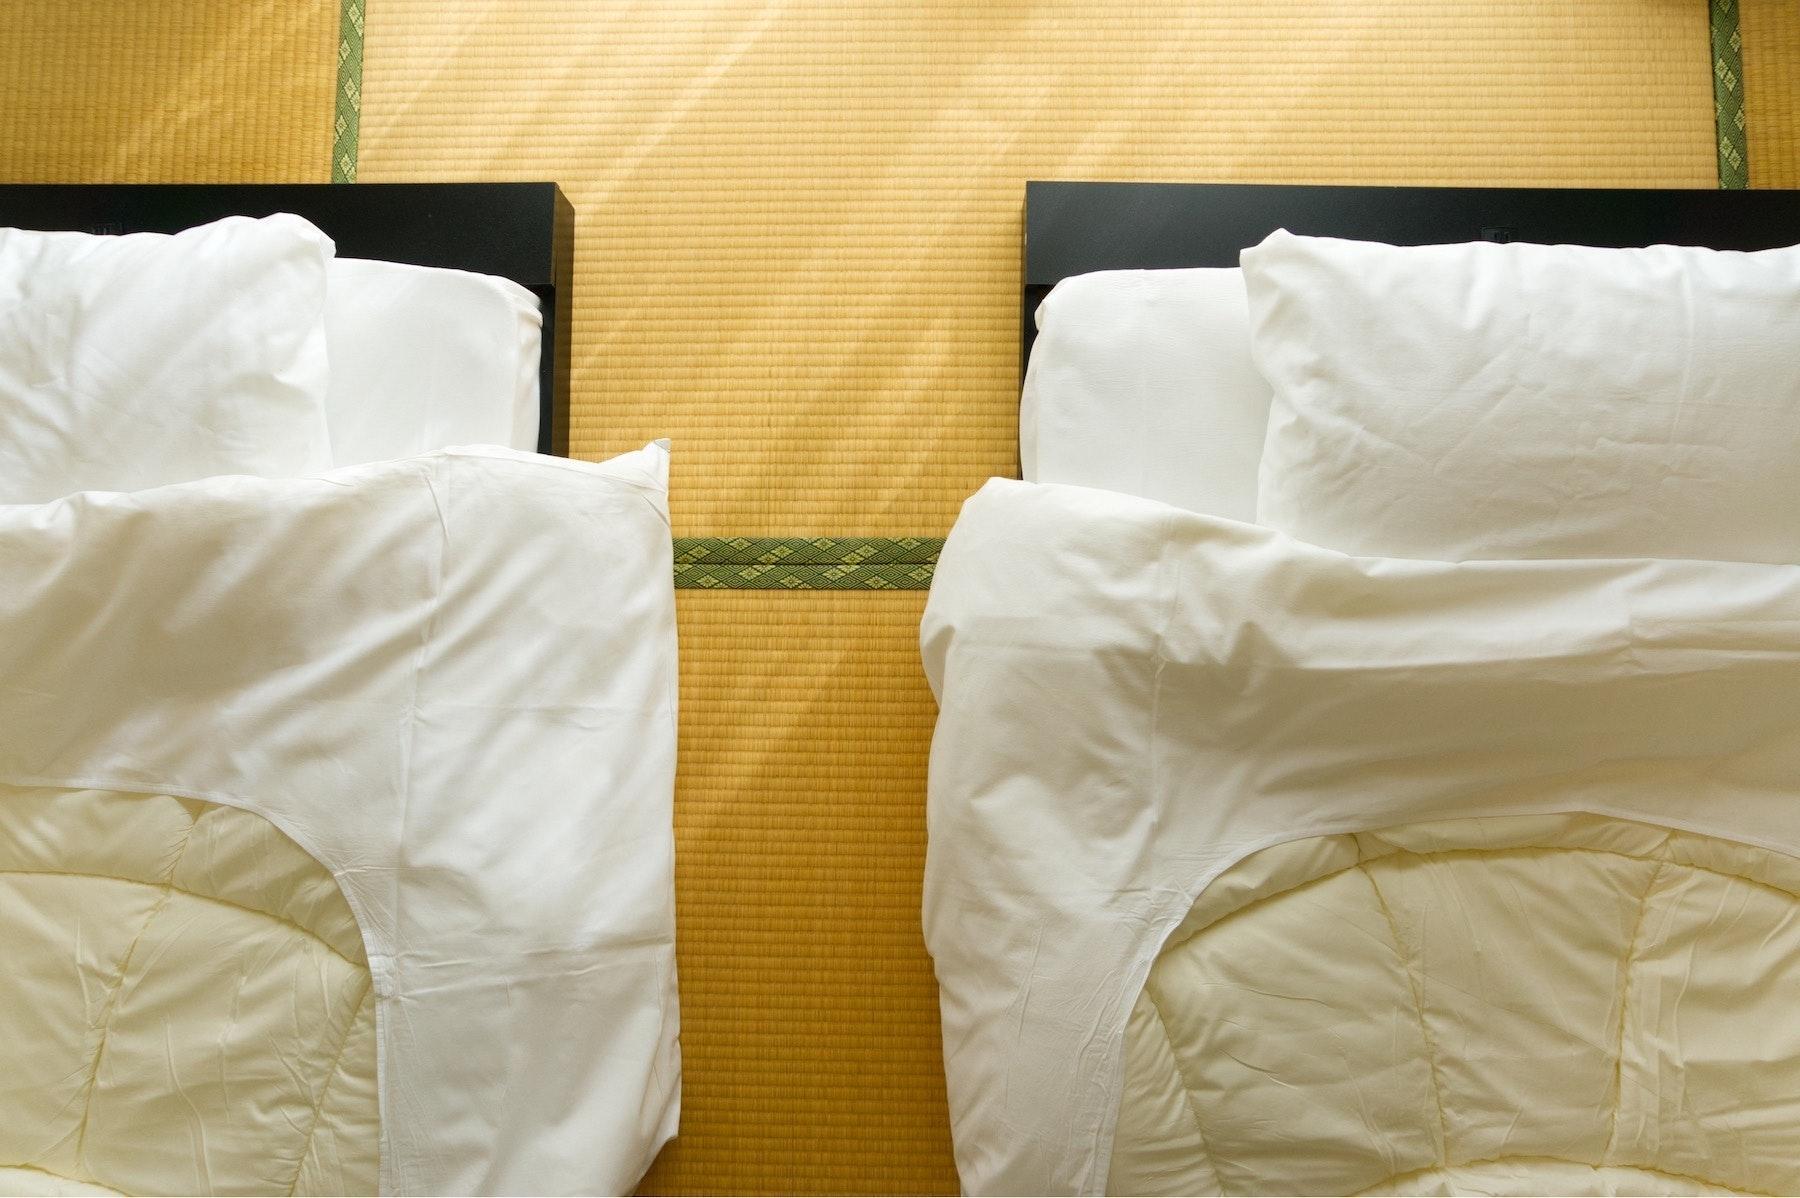 【303】 繁華街すぐの好立地★WiFi完備★畳のお部屋でゆっくり過ごせる★ビジネス・観光に最適